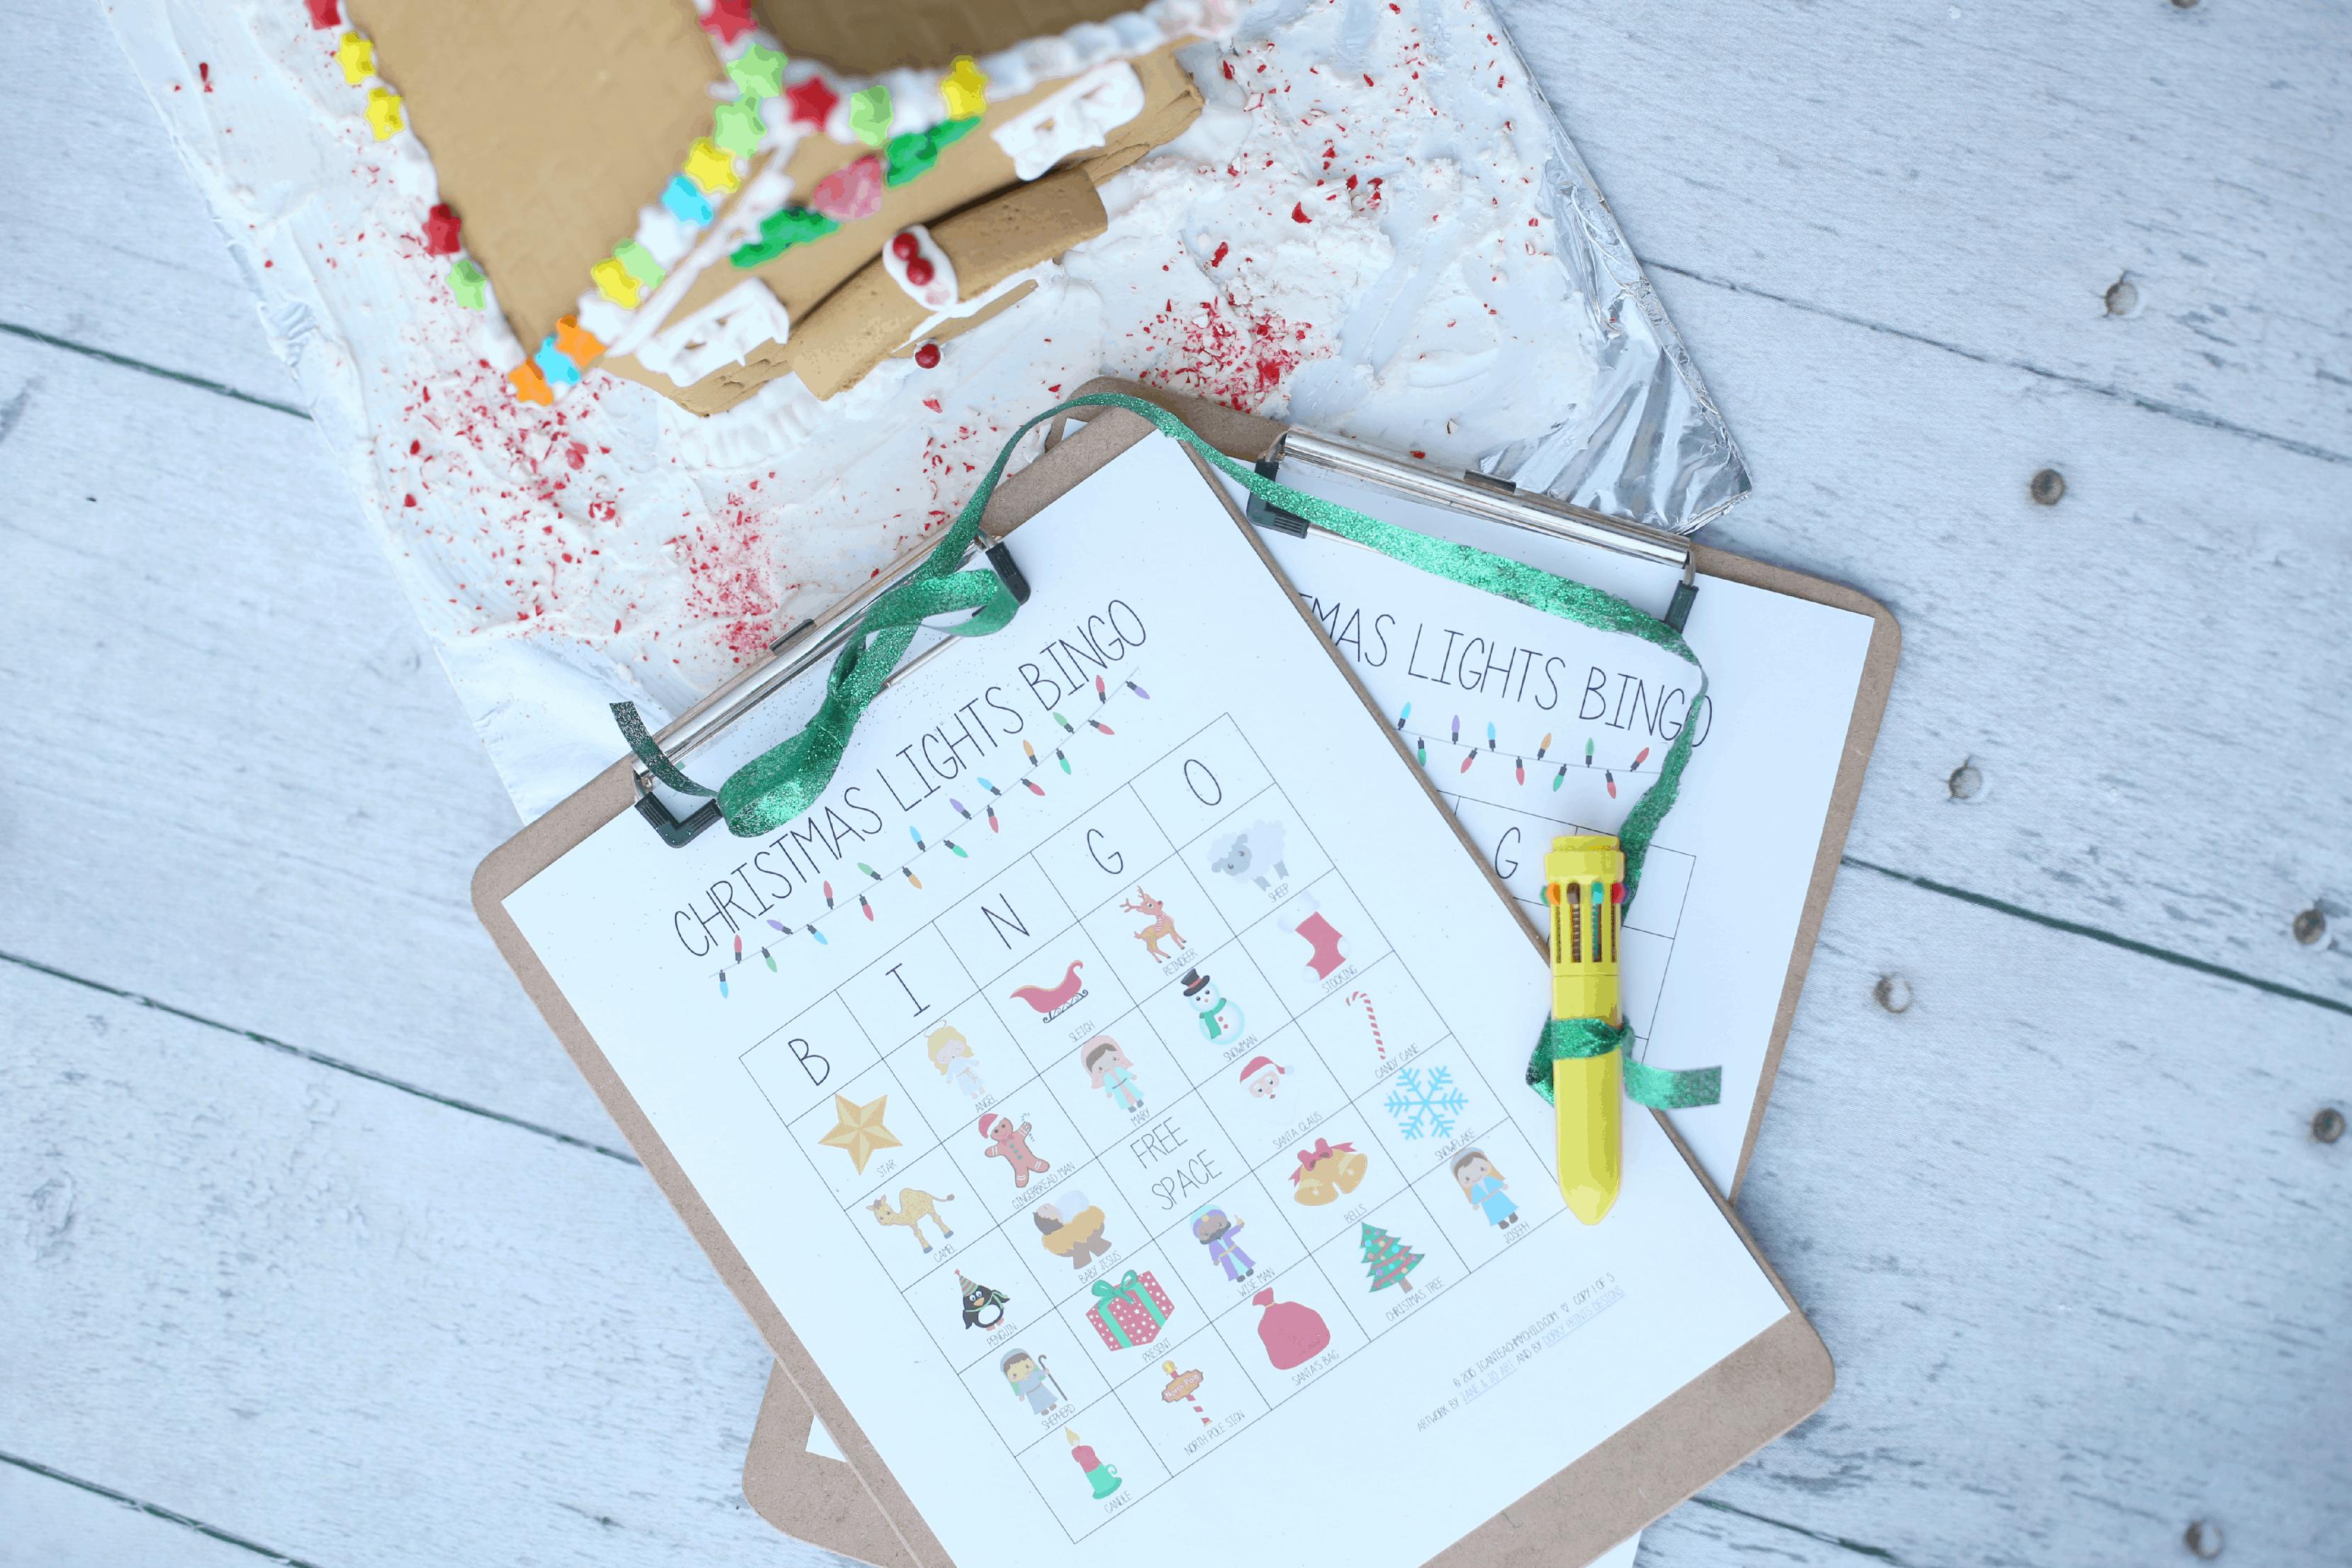 Printable Christmas Lights Bingo Game - I Can Teach My Child!